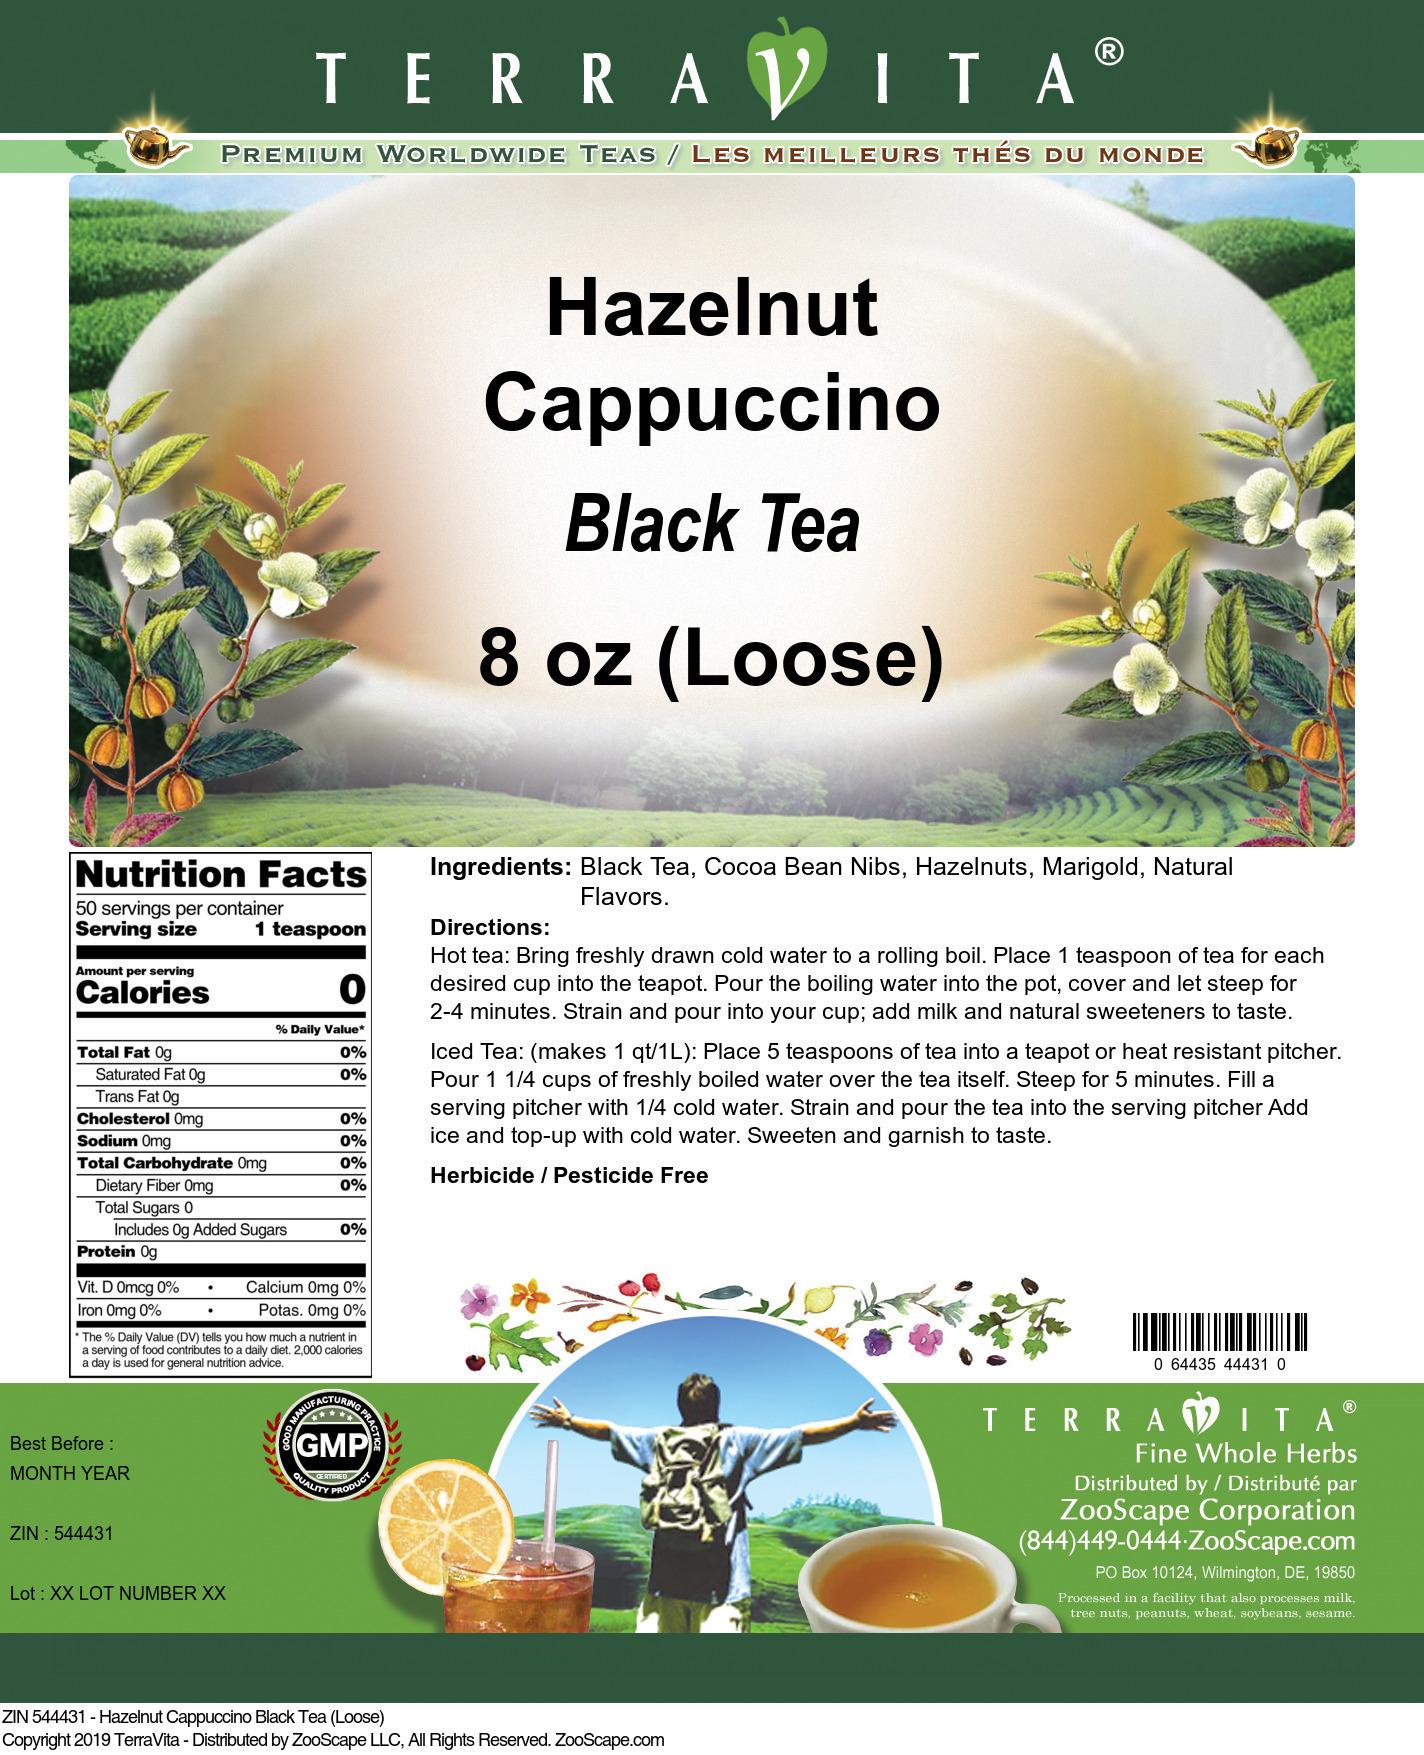 Hazelnut Cappuccino Black Tea (Loose)